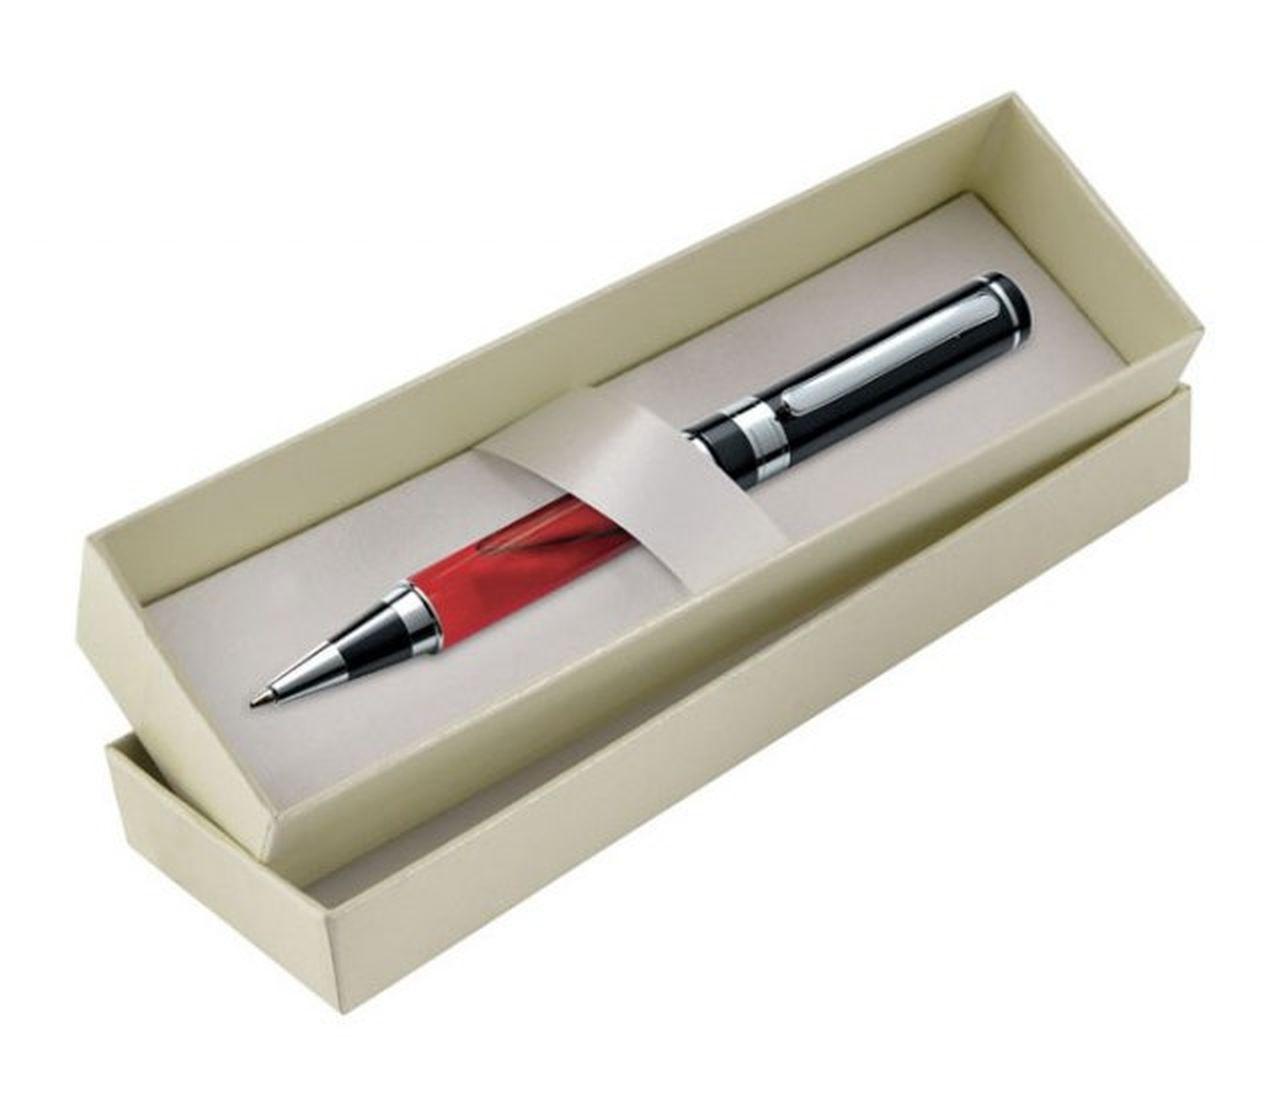 Scatola avorio penna non inclusa cm.18x5,5x3,5h